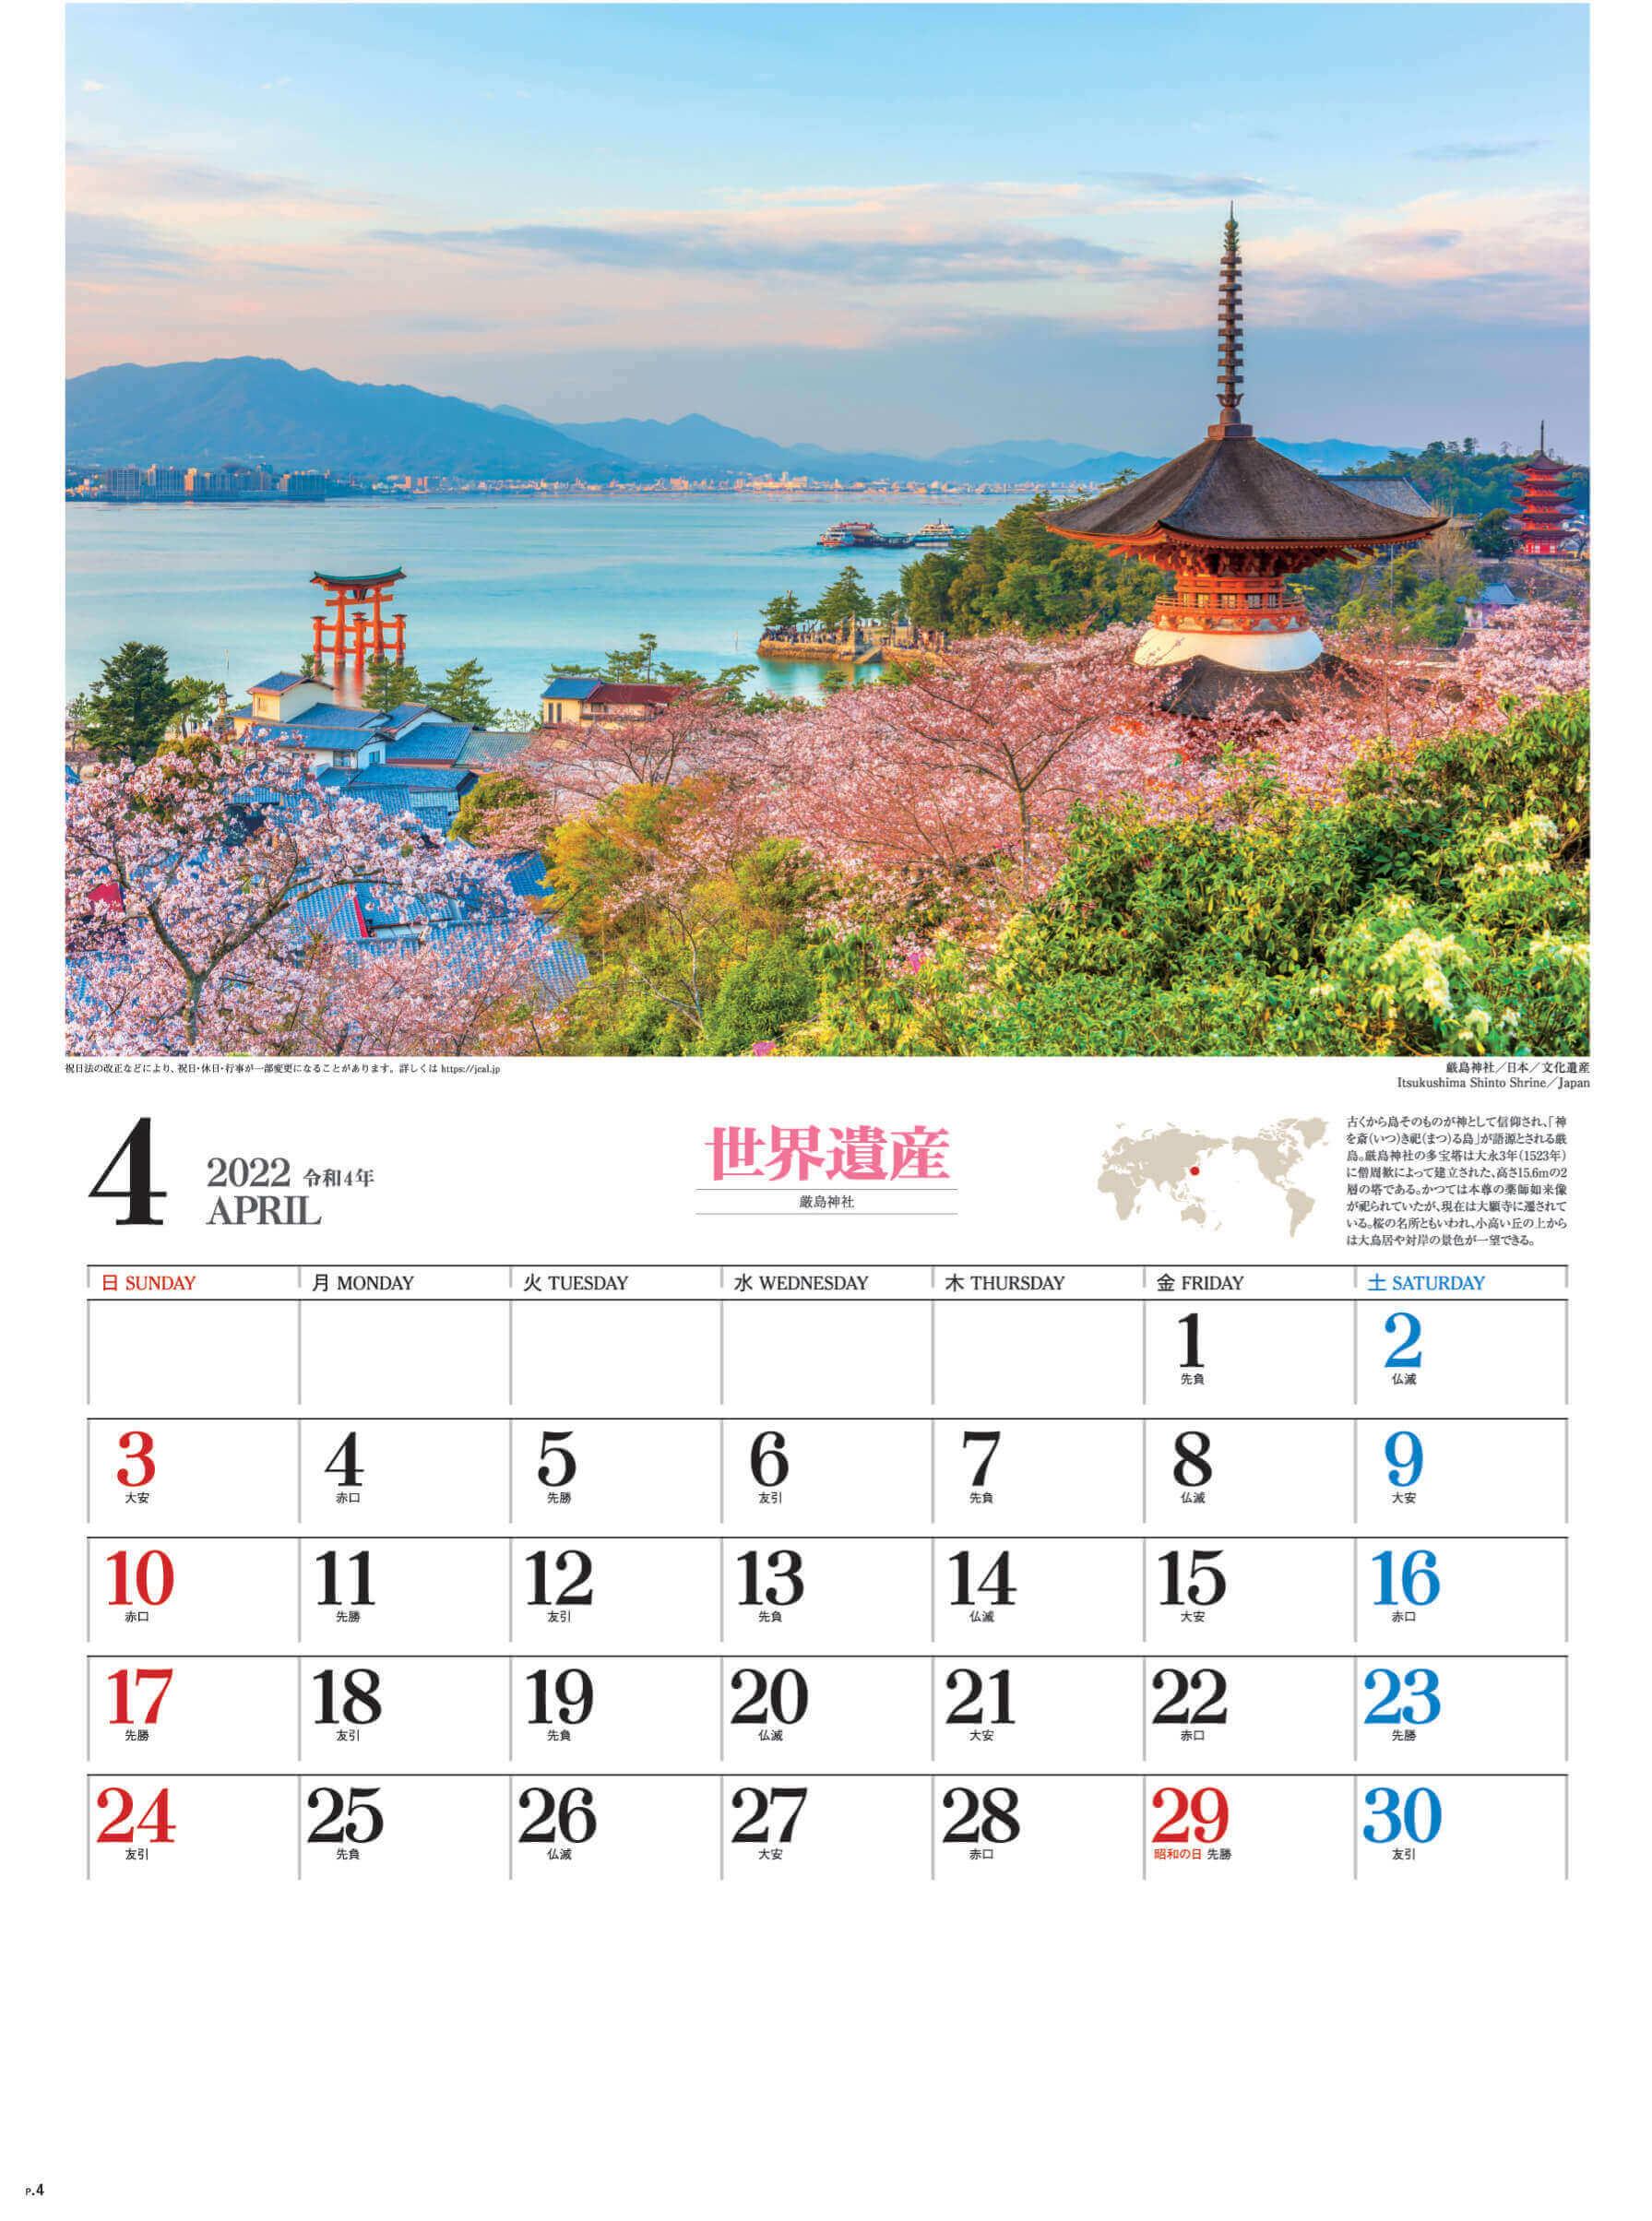 4月 厳島神社 日本 ユネスコ世界遺産 2022年カレンダーの画像